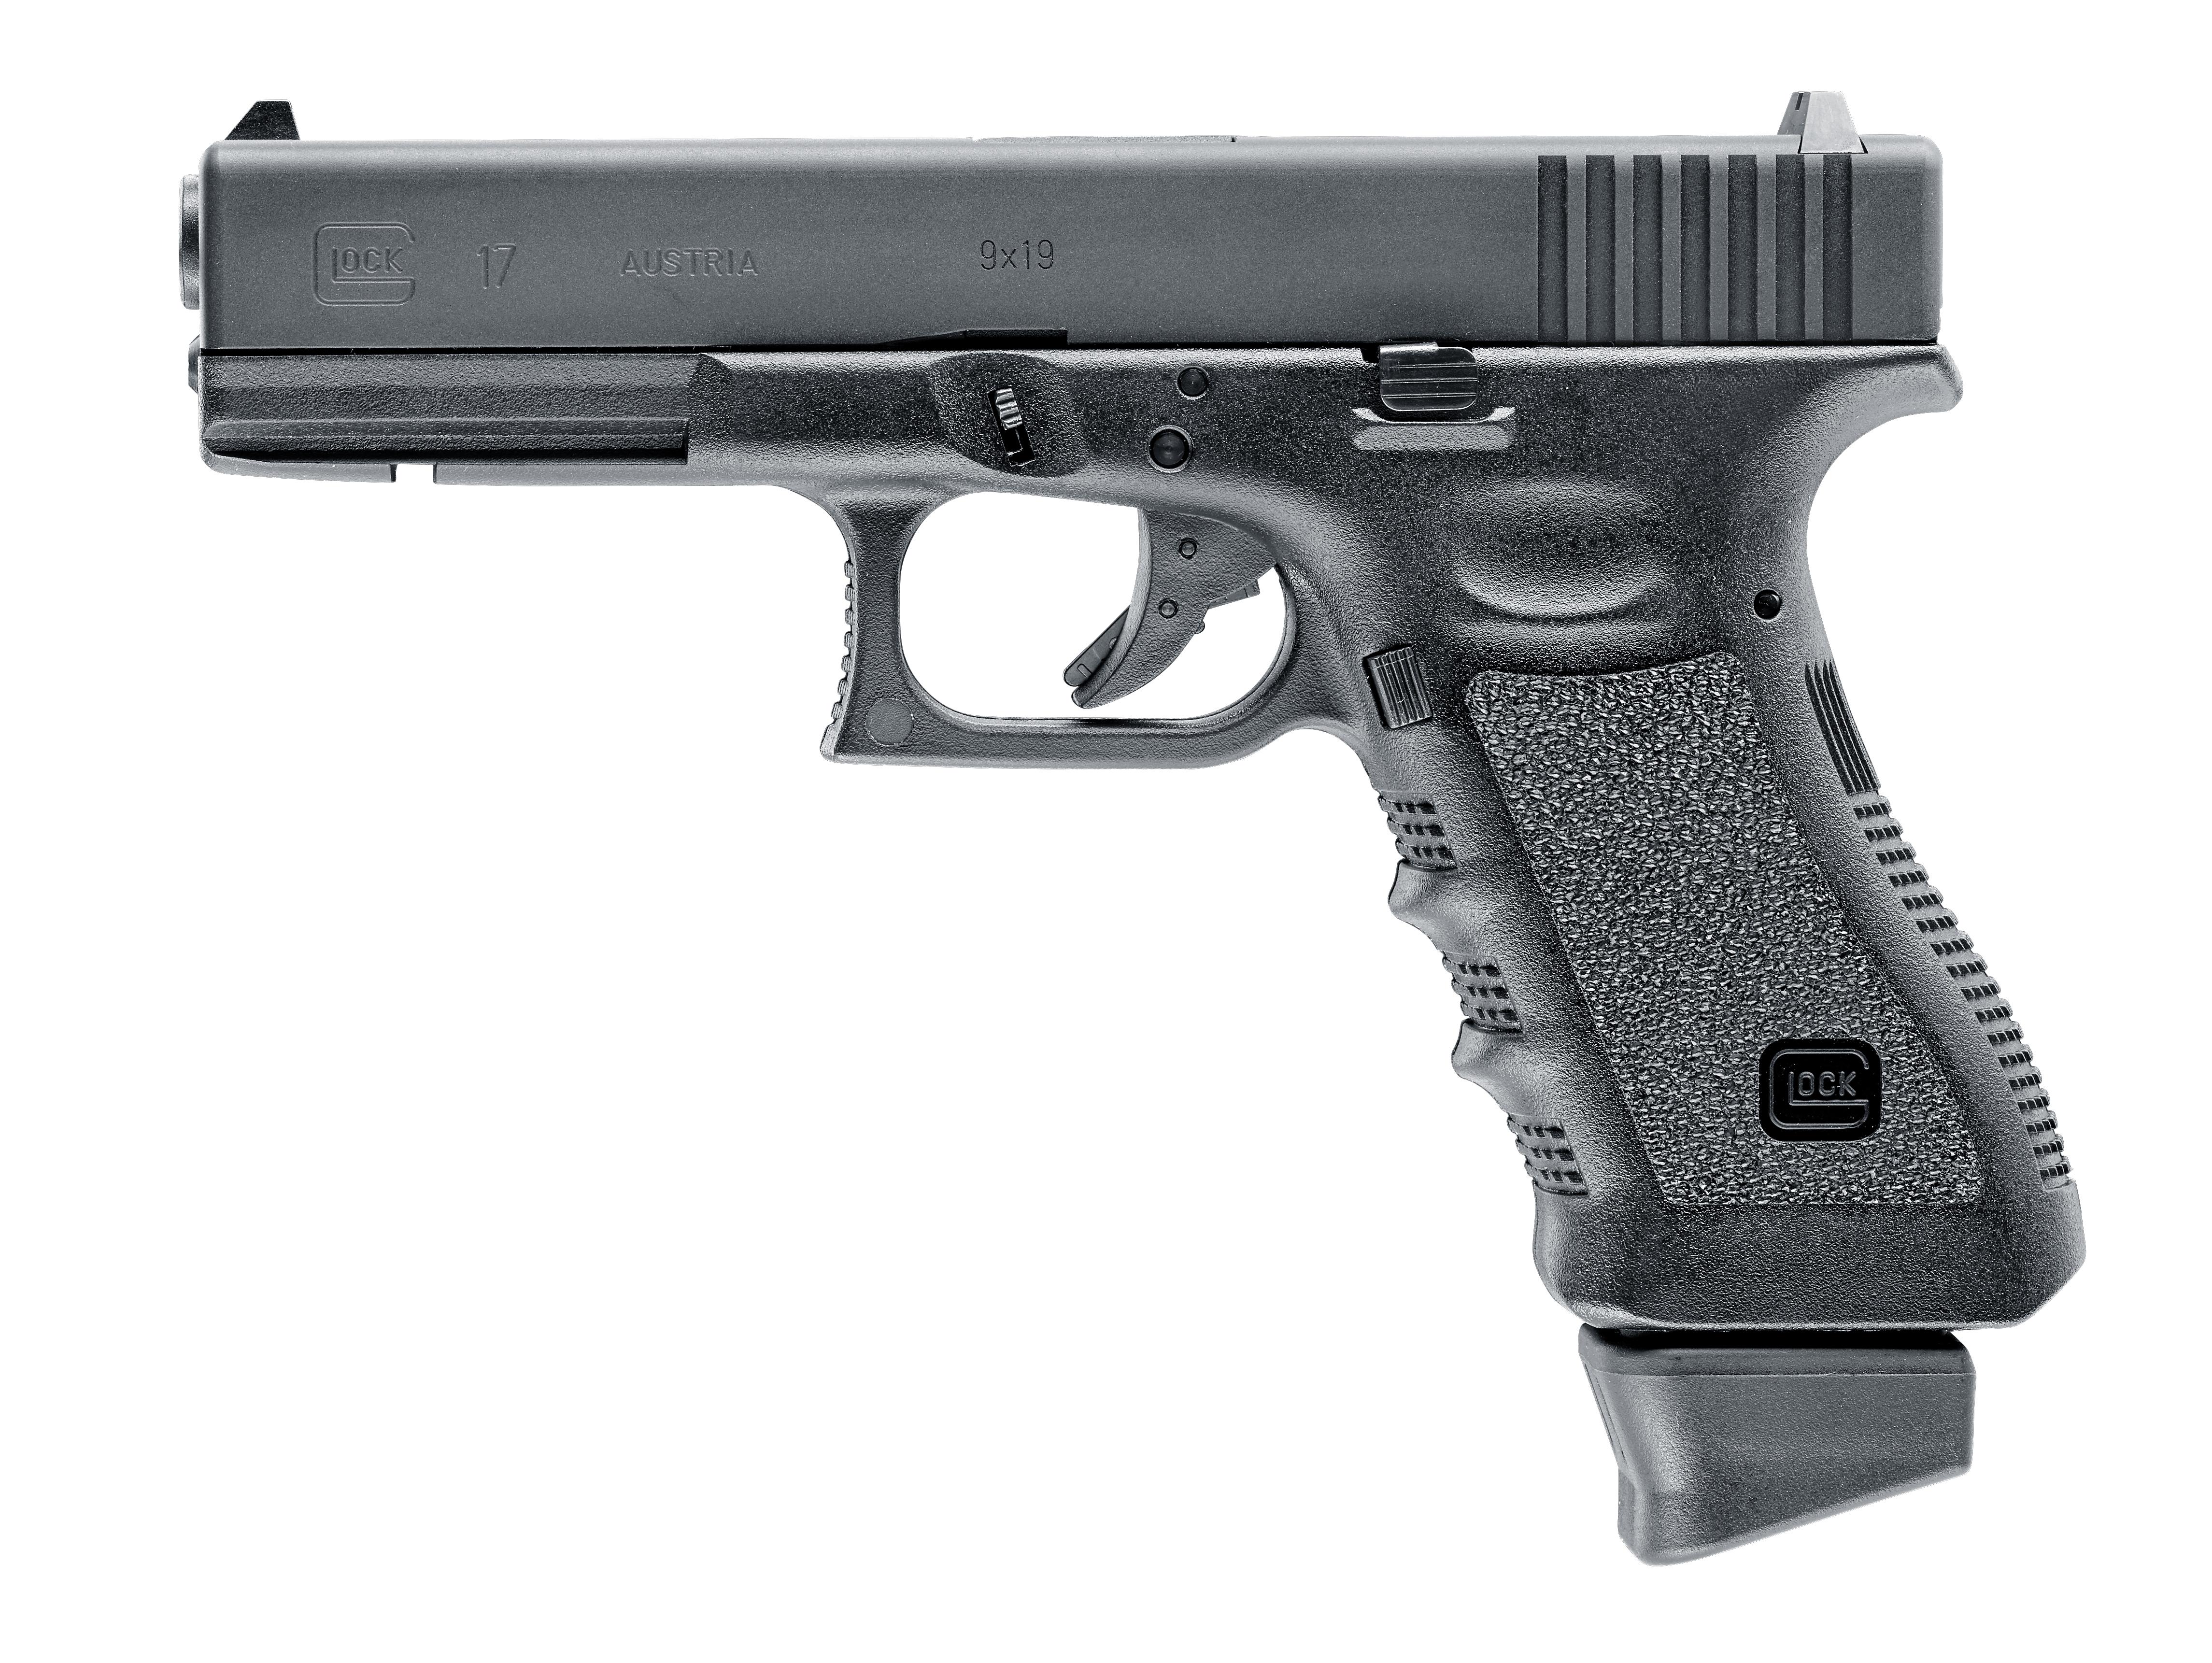 GLOCK (Umarex) Airsoft CO2 Glock 17 Gen4 1.0J Deluxe